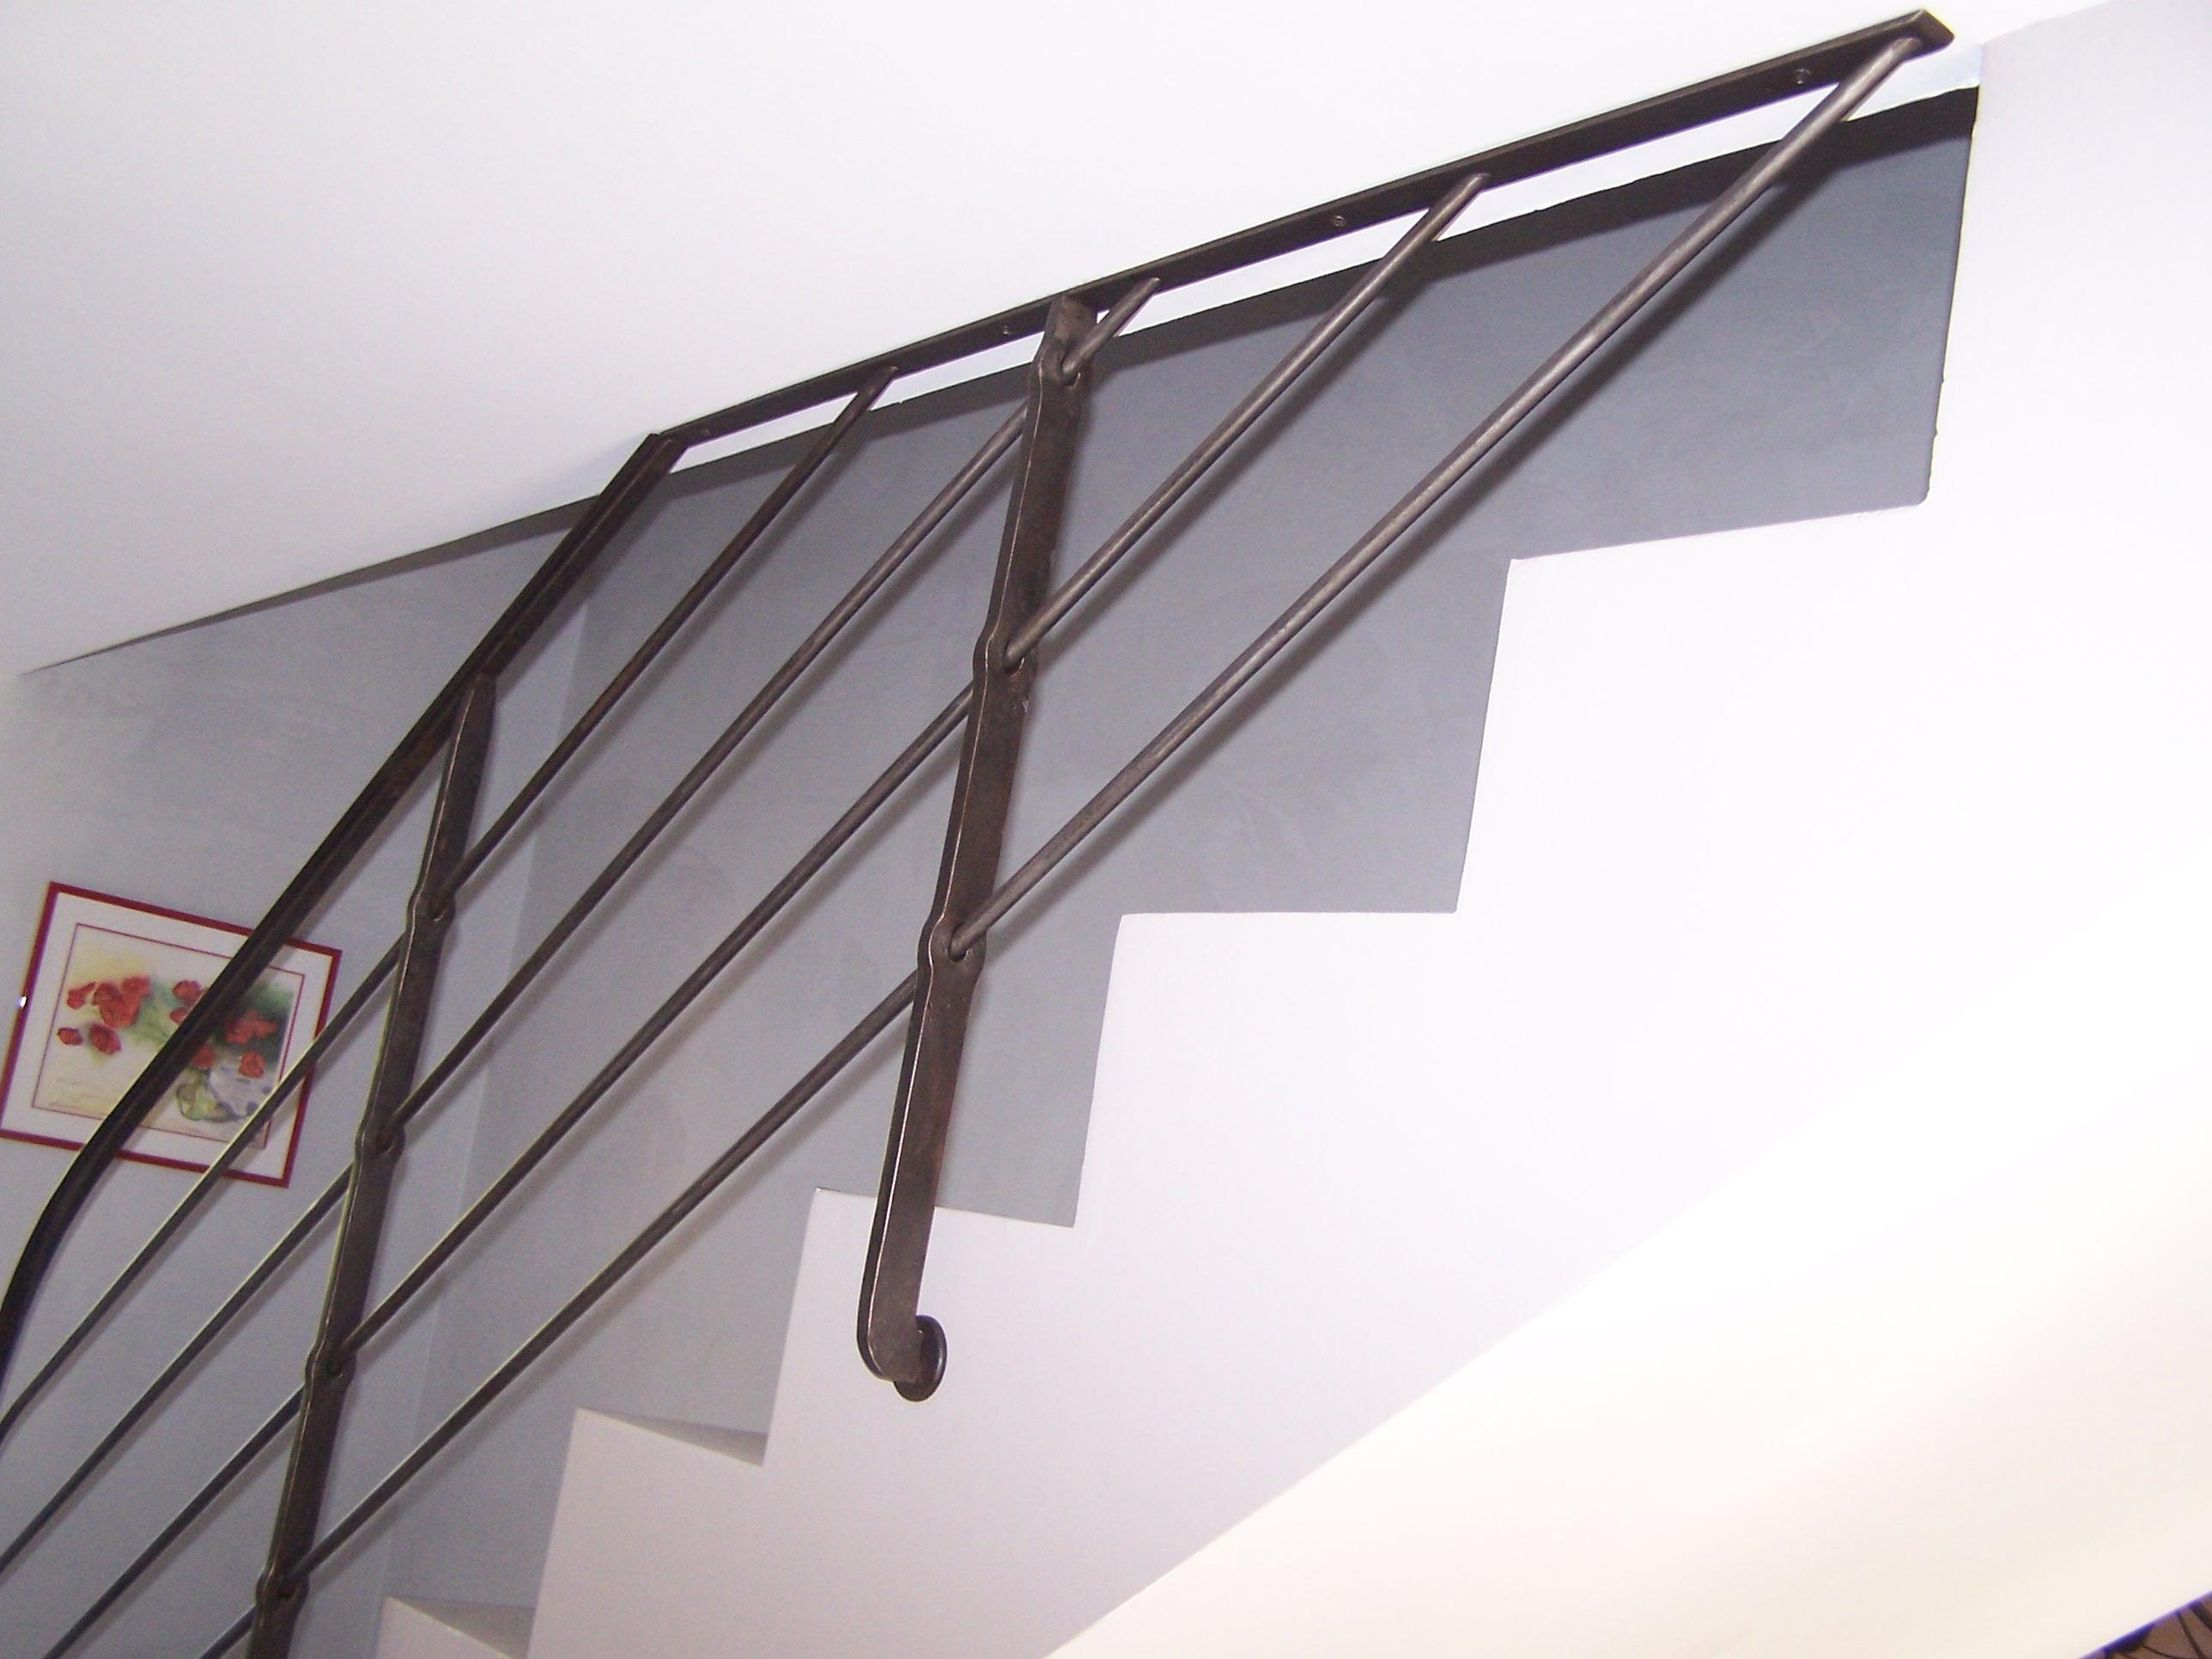 Détail d'un montant de rampe à trous renflés